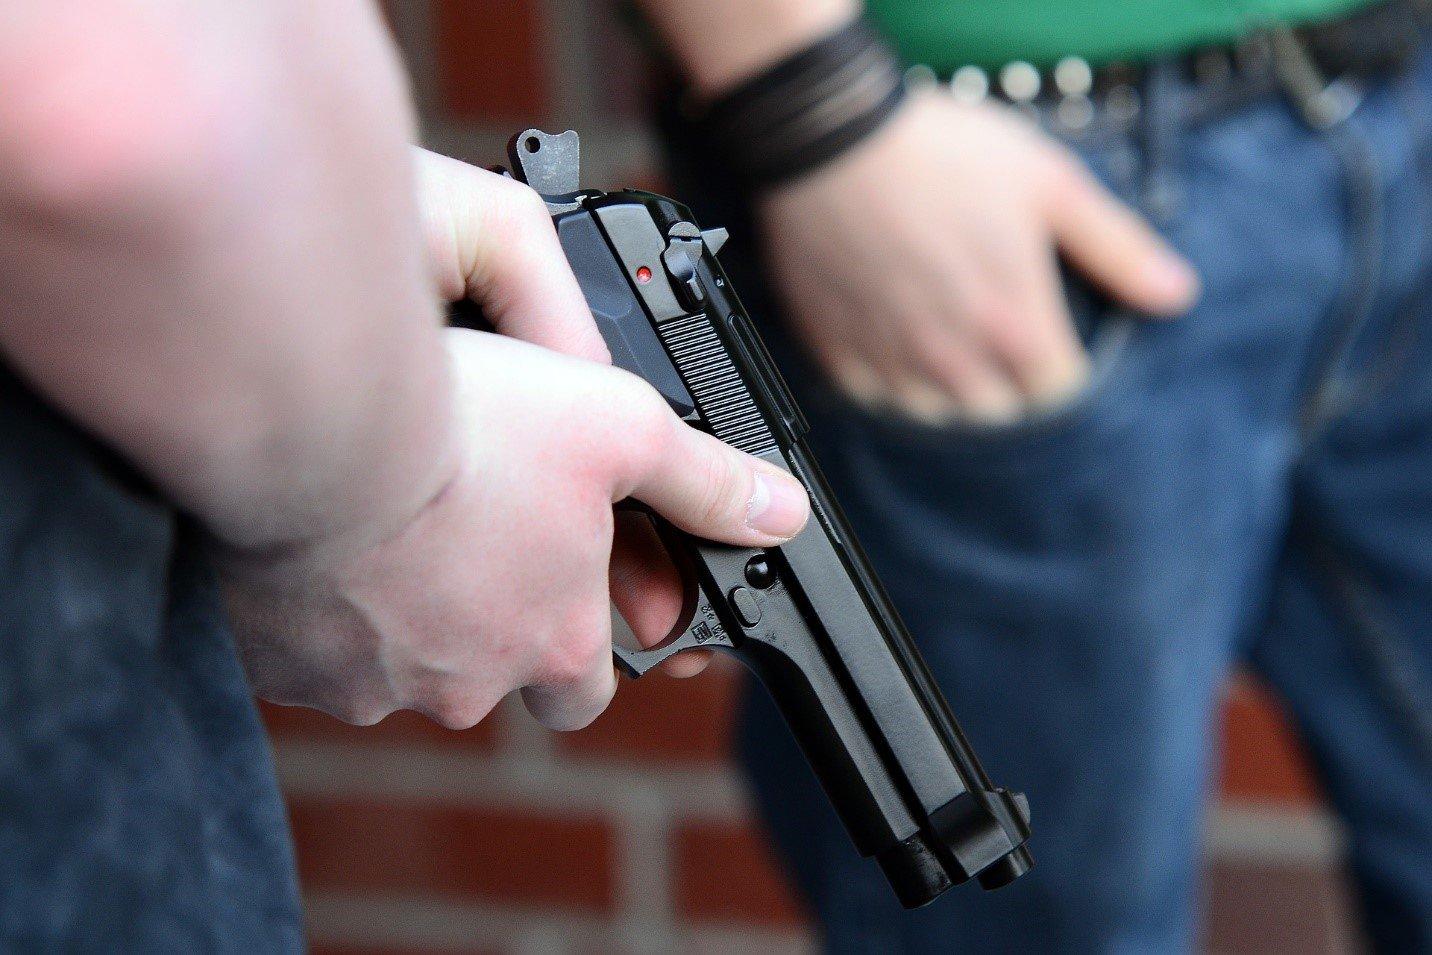 Pistol for Shooting